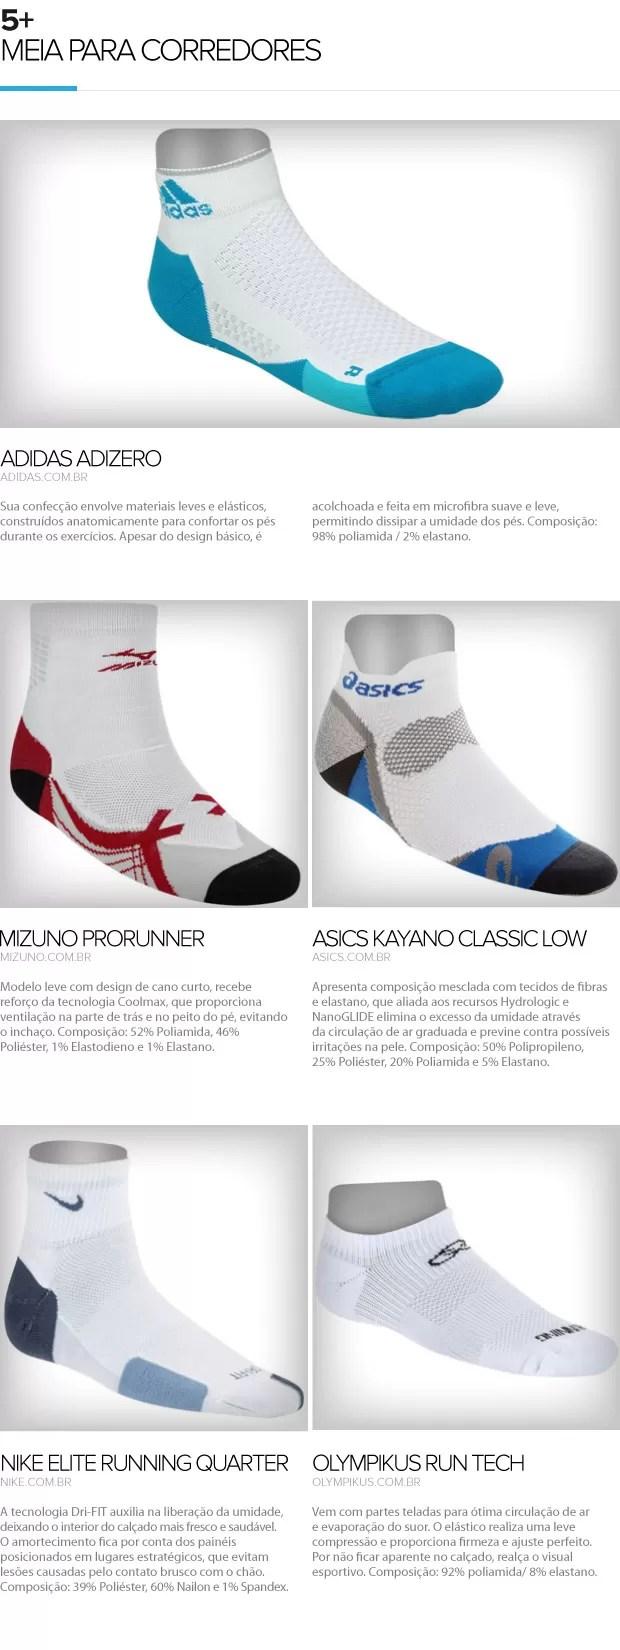 euatleta - 5+ meias para corrida (Foto: Editoria de Arte / GLOBESPORTE.COM)